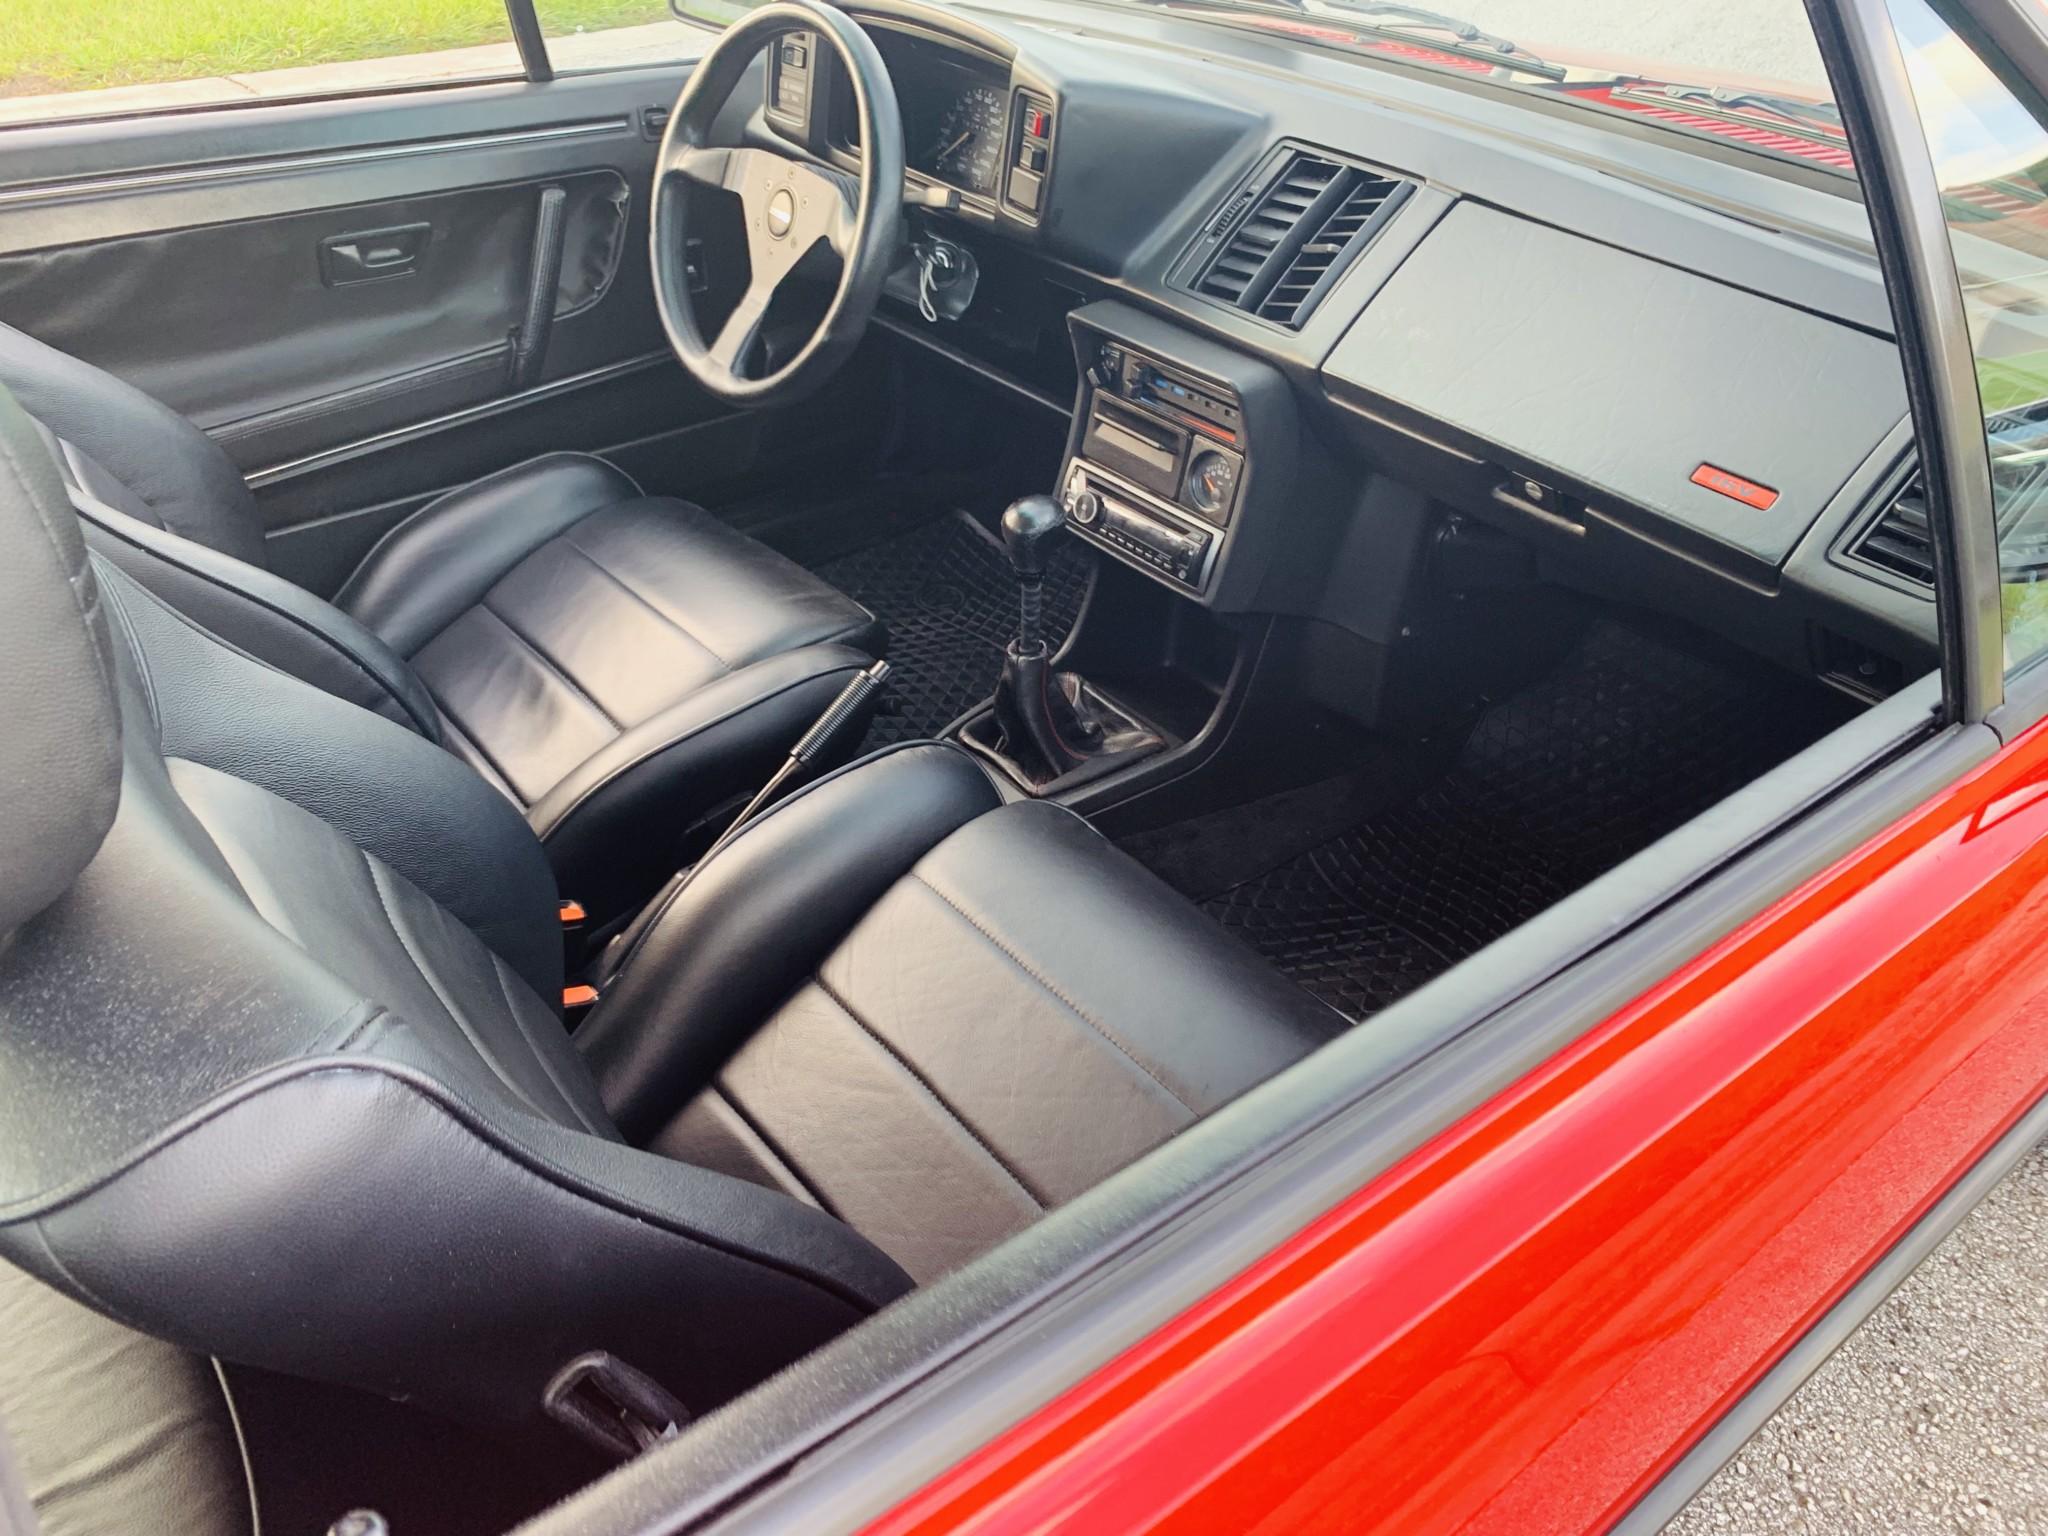 1986_volkswagen_scirocco_16v_157178528965cbf76b78398789C-B43B-4317-9C54-D2F8ACB9750F